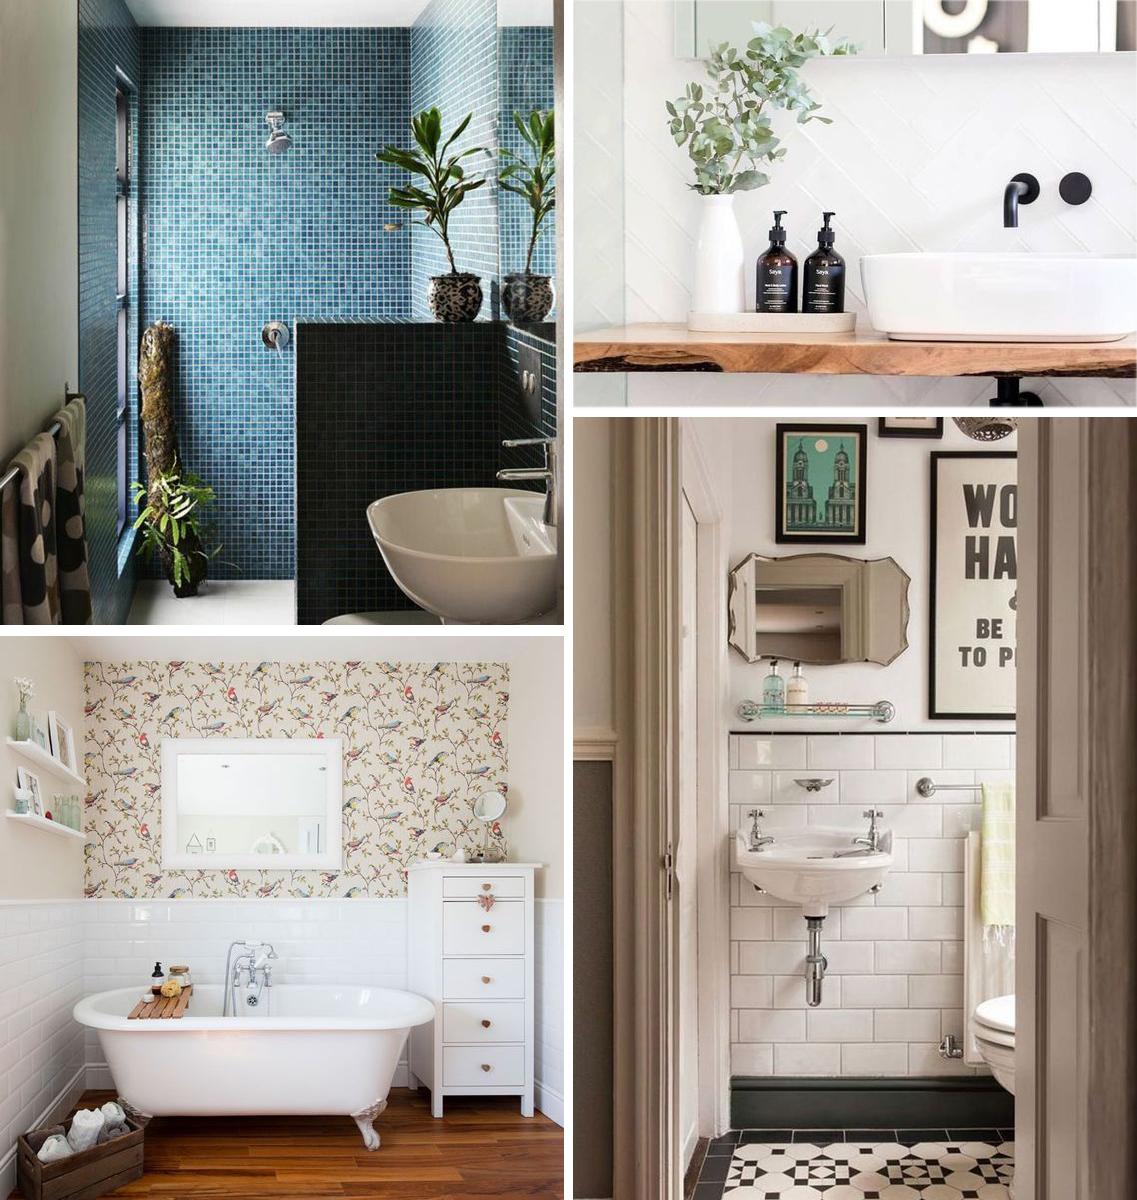 Affiche Ancienne Pour Salle De Bain mes idées pour aménager une petite salle de bain | madame décore